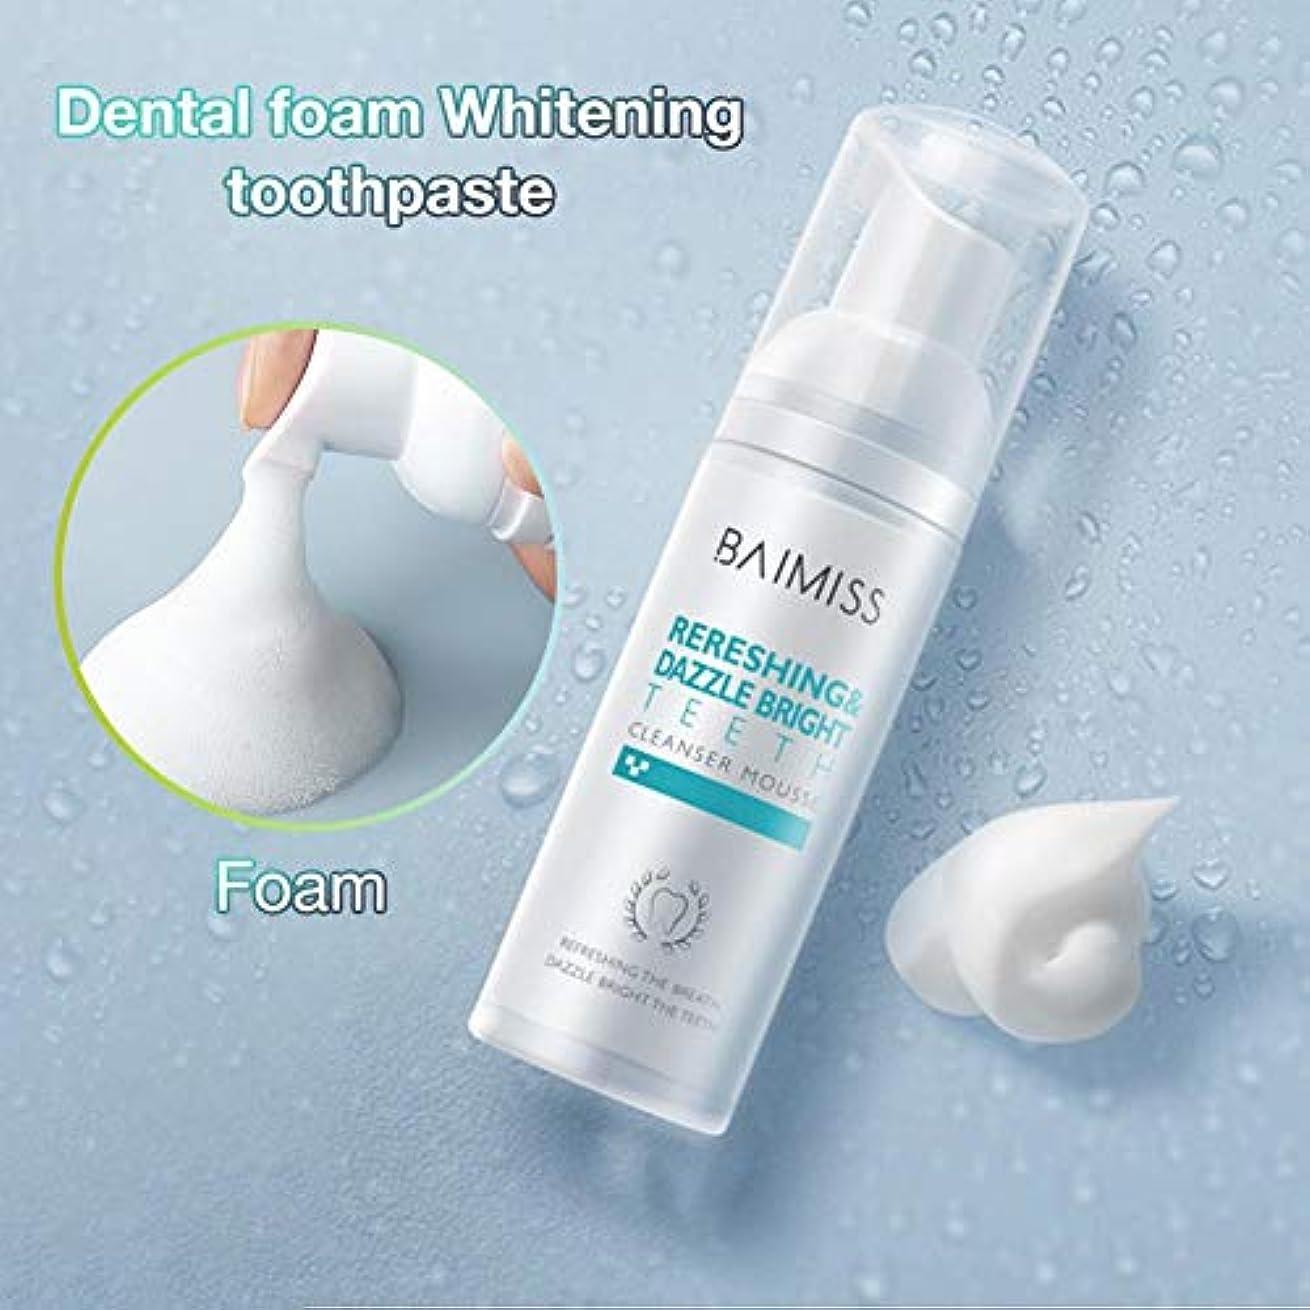 バッフル瞬時に砂歯科用フォーム液体歯磨 クリアクリーン デンタル ホワイトニング マウスウォッシュ 口内洗浄液 低刺激 60ml 口の自然な防御力を強化60ml